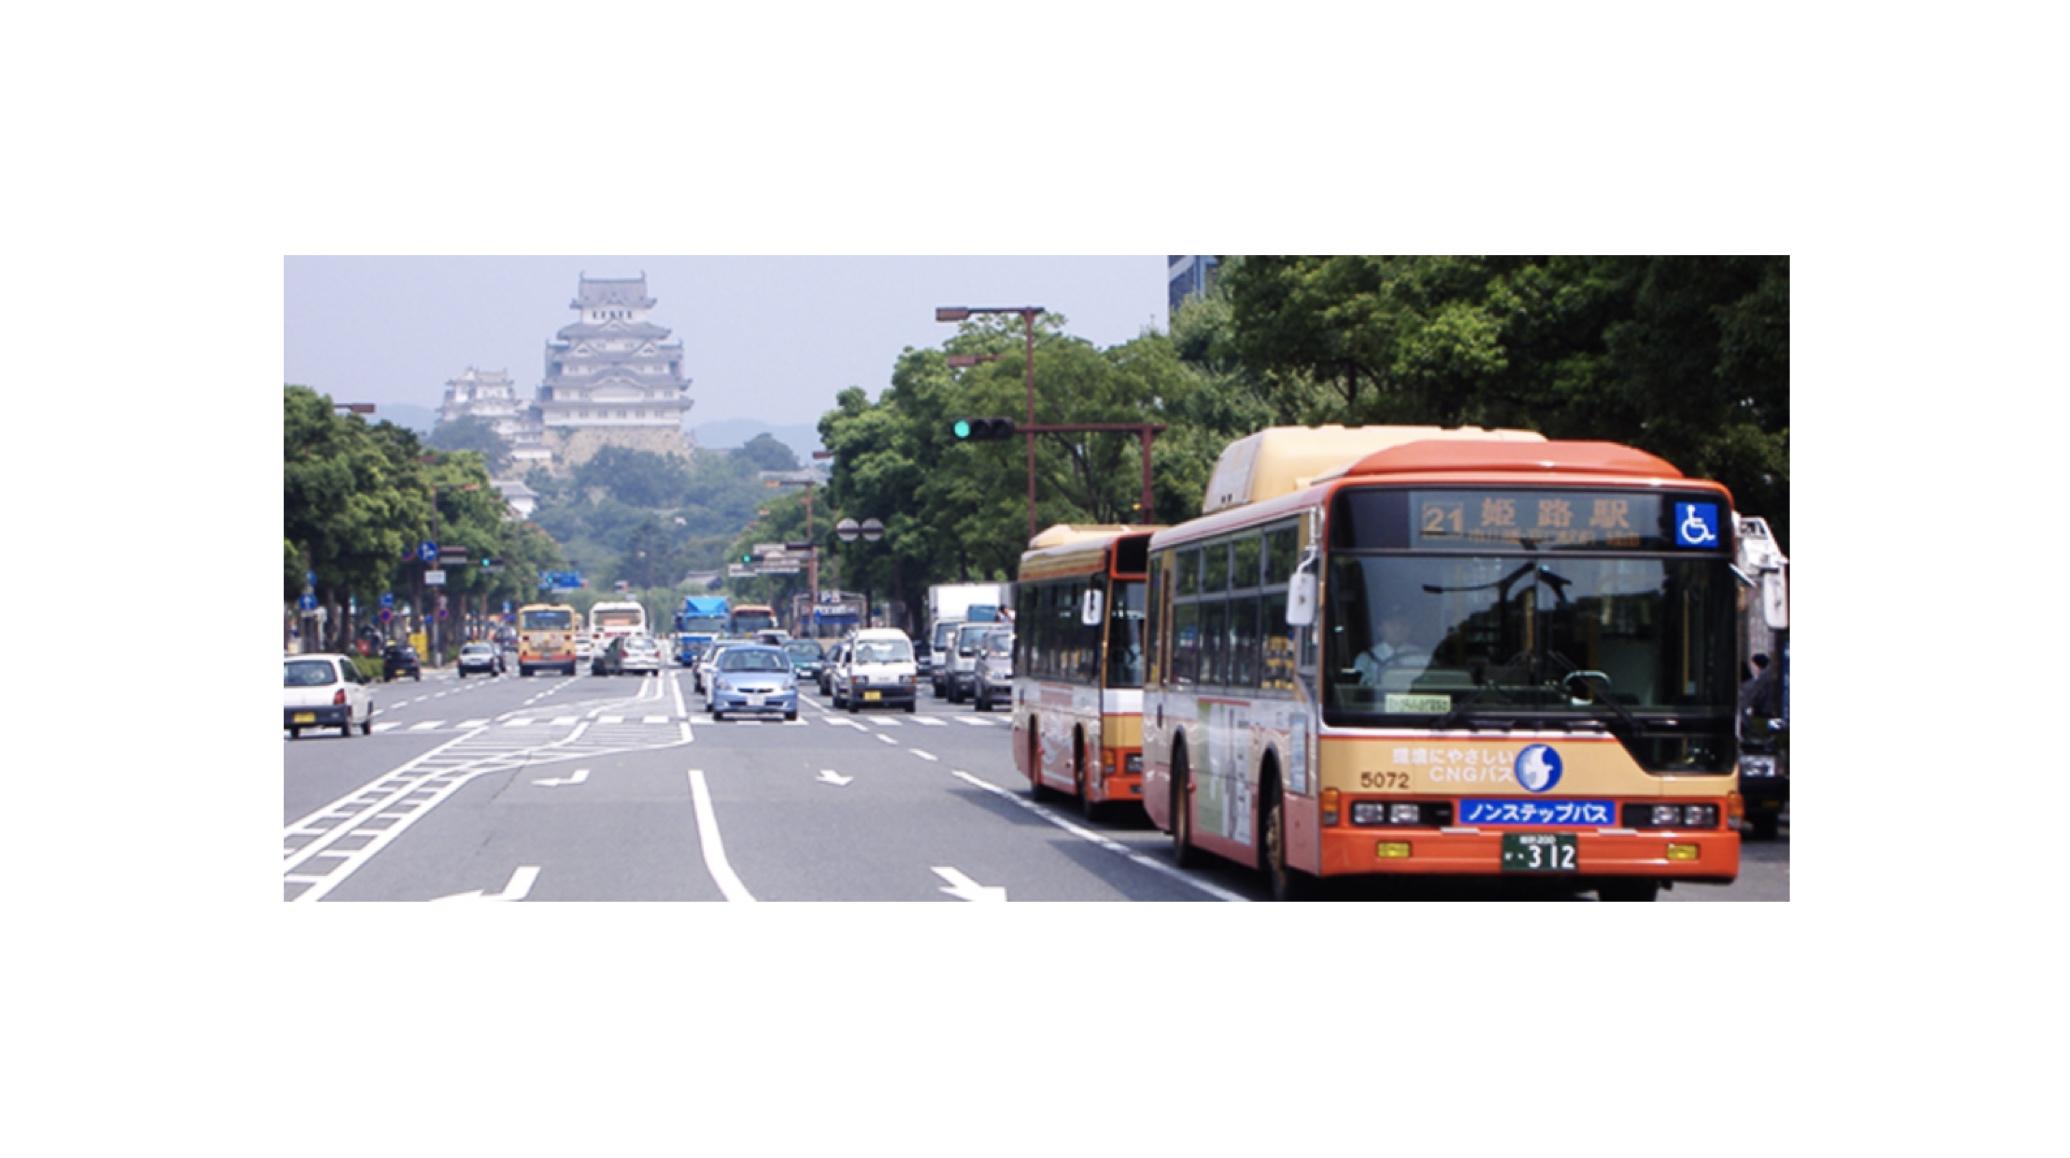 Xenoma×神姫バスグループ |  スマートアパレルを用いた「眠気アラートシステム」の実証実験を開始